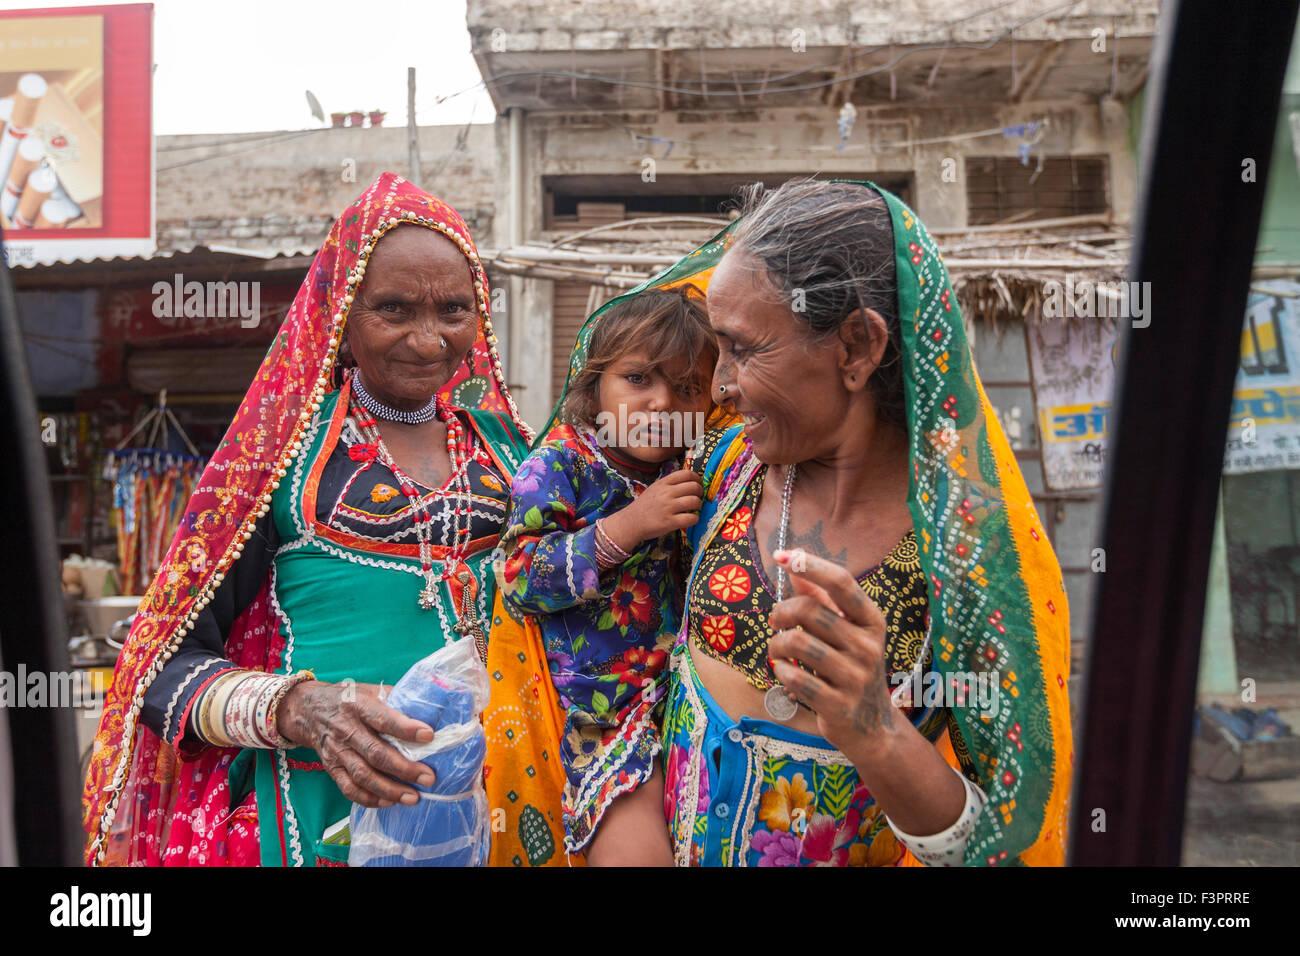 Rajasthani donne che indossano costumi tradizionali che mostra un bambino per un turista in un taxi. Immagini Stock